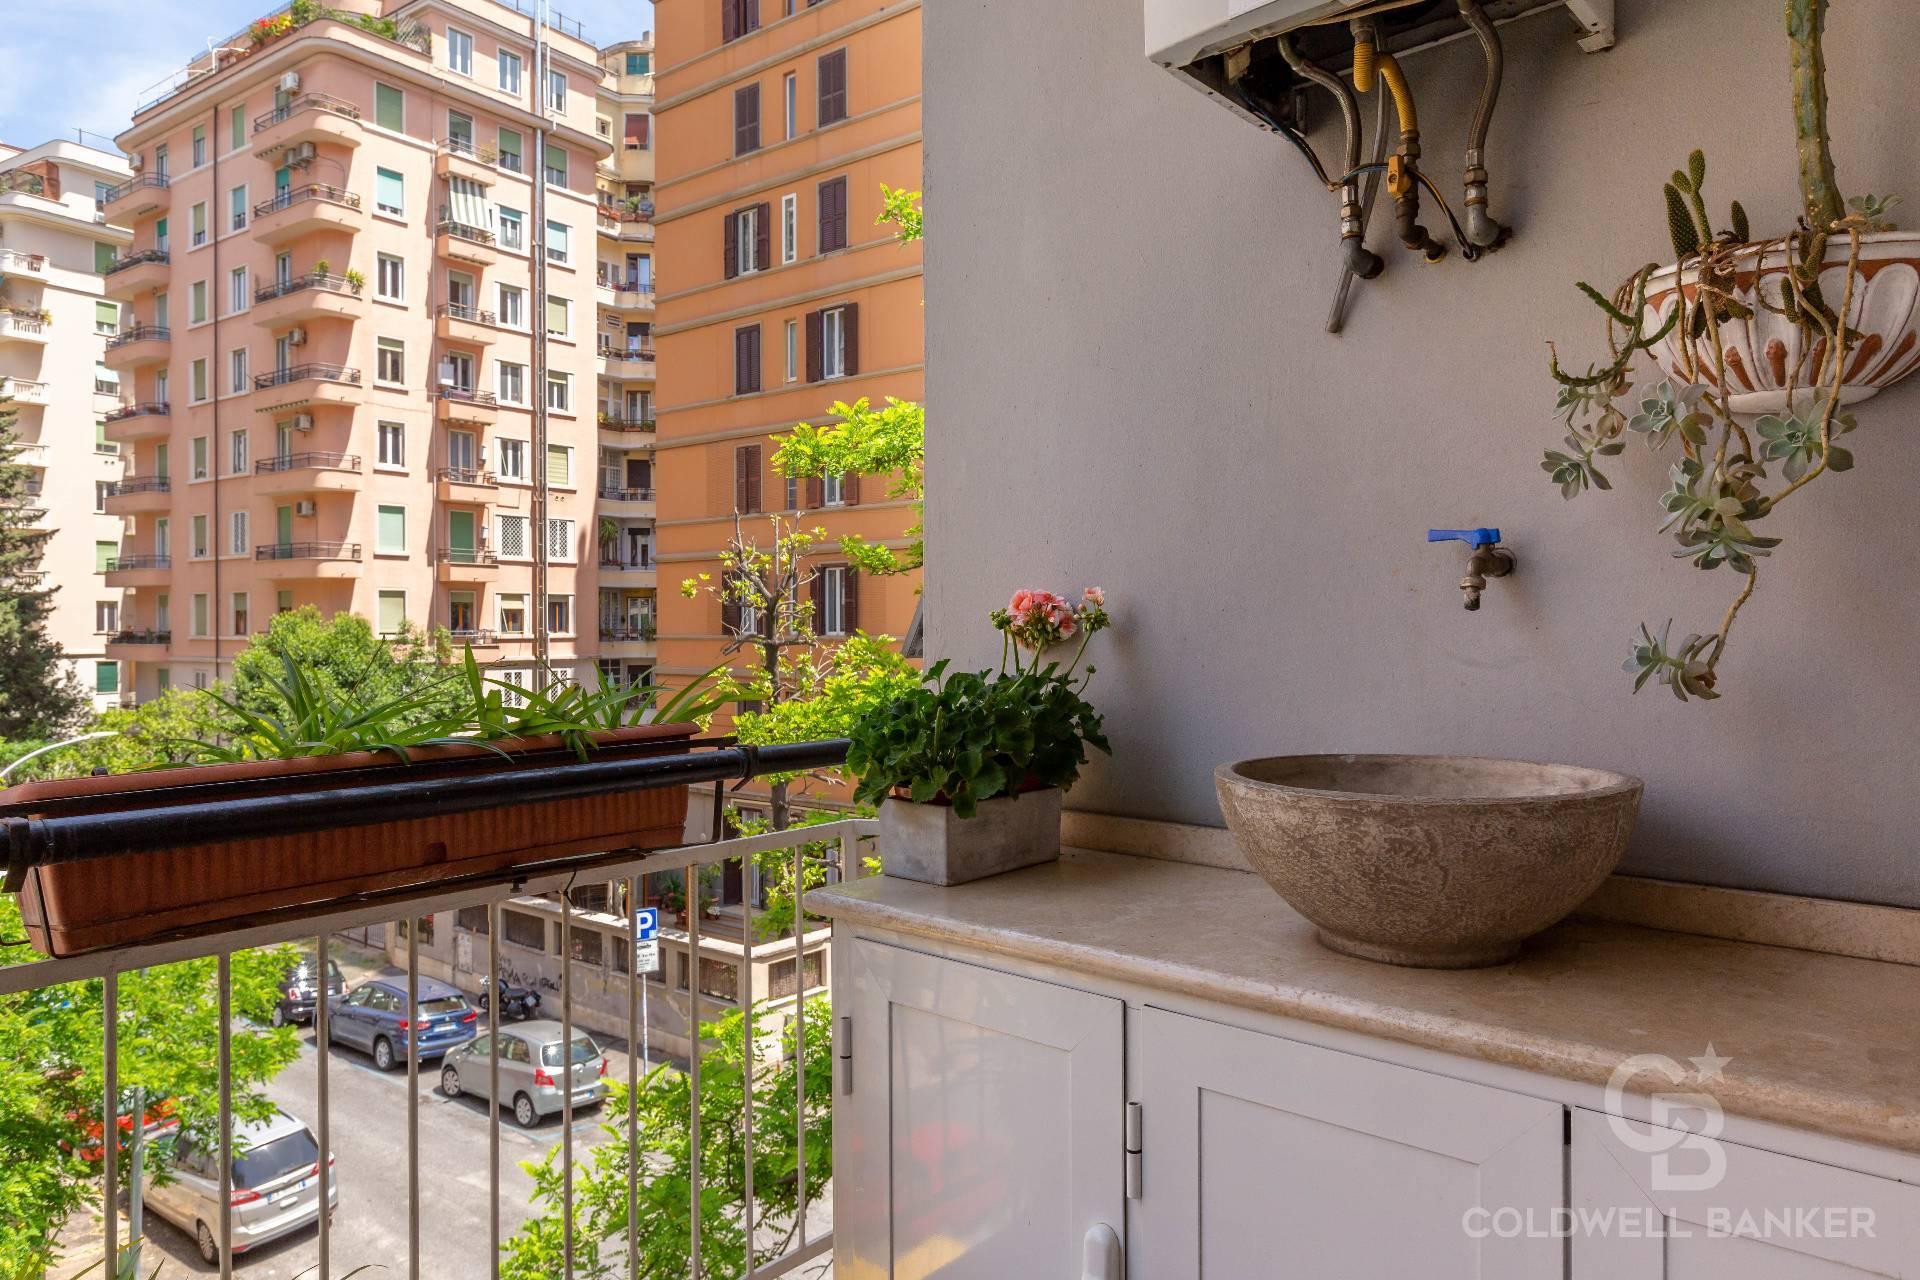 Appartamento in Vendita a Roma: 3 locali, 83 mq - Foto 16